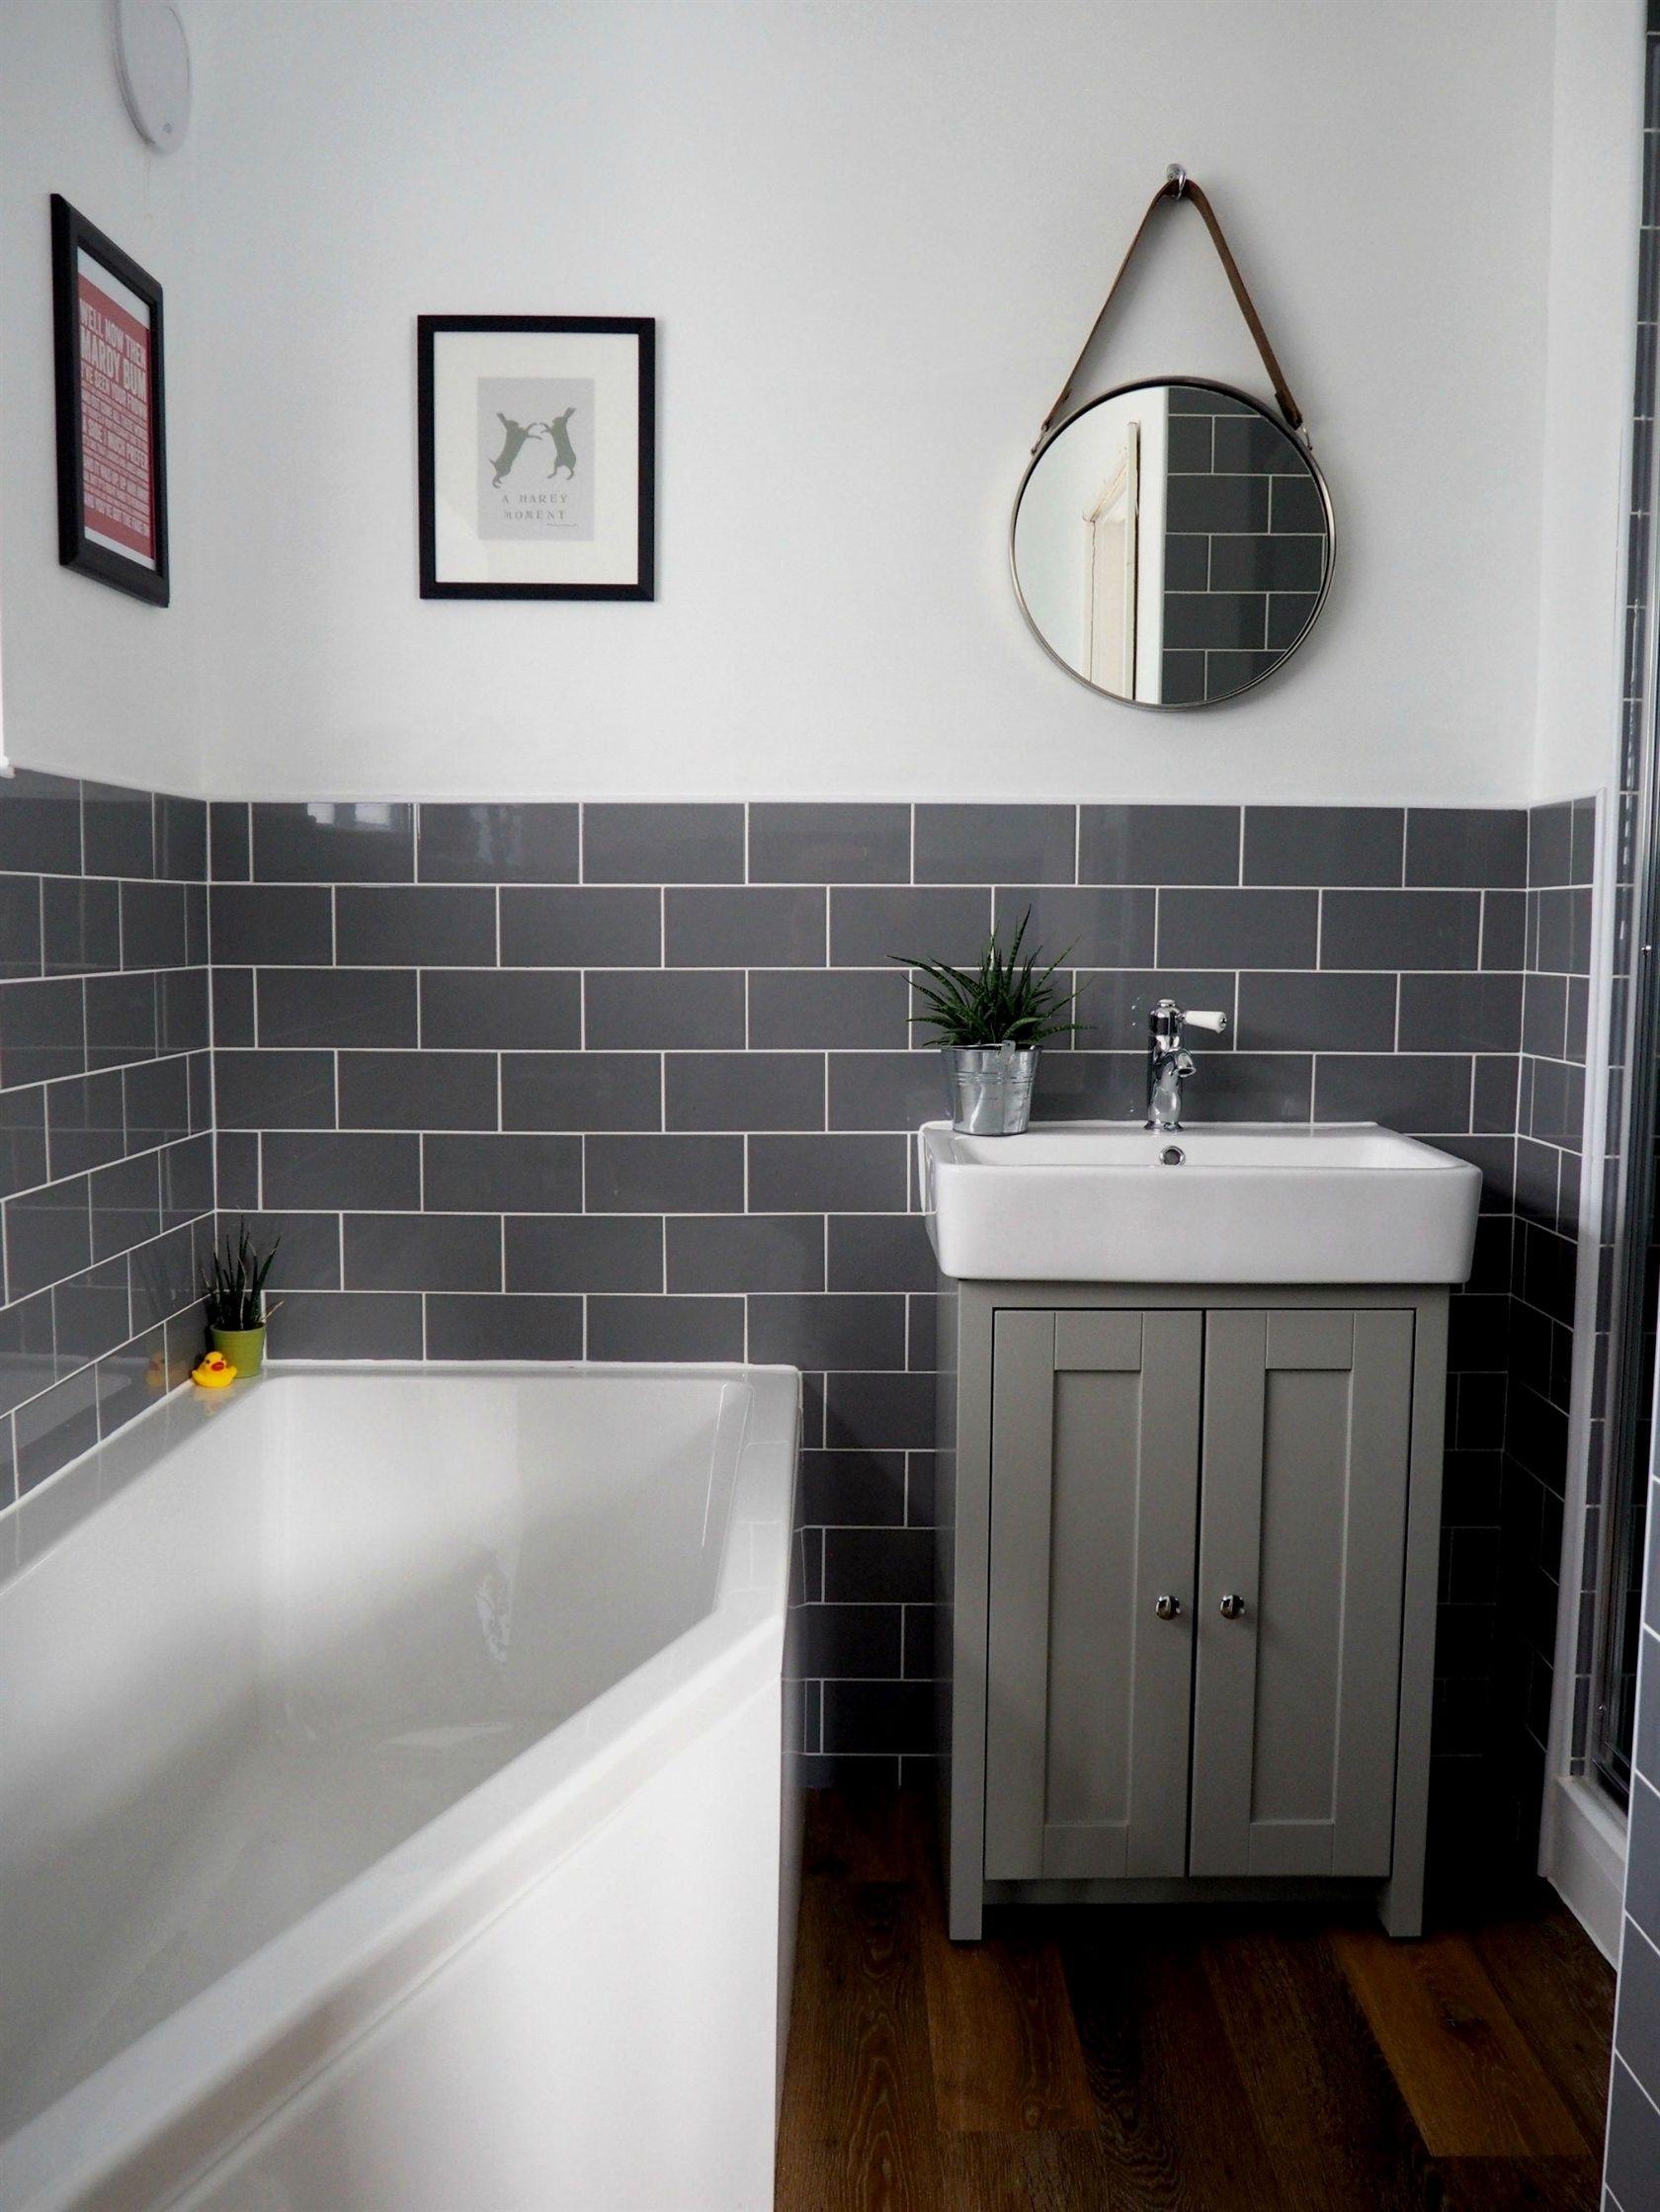 Bathroom Renovation Ideas: Bathroom Remodel Cost, Bathroom Ideas For Small  Bathrooms, Small Bathroom Design Ideas #Bathroom #remodel #Renovation ...